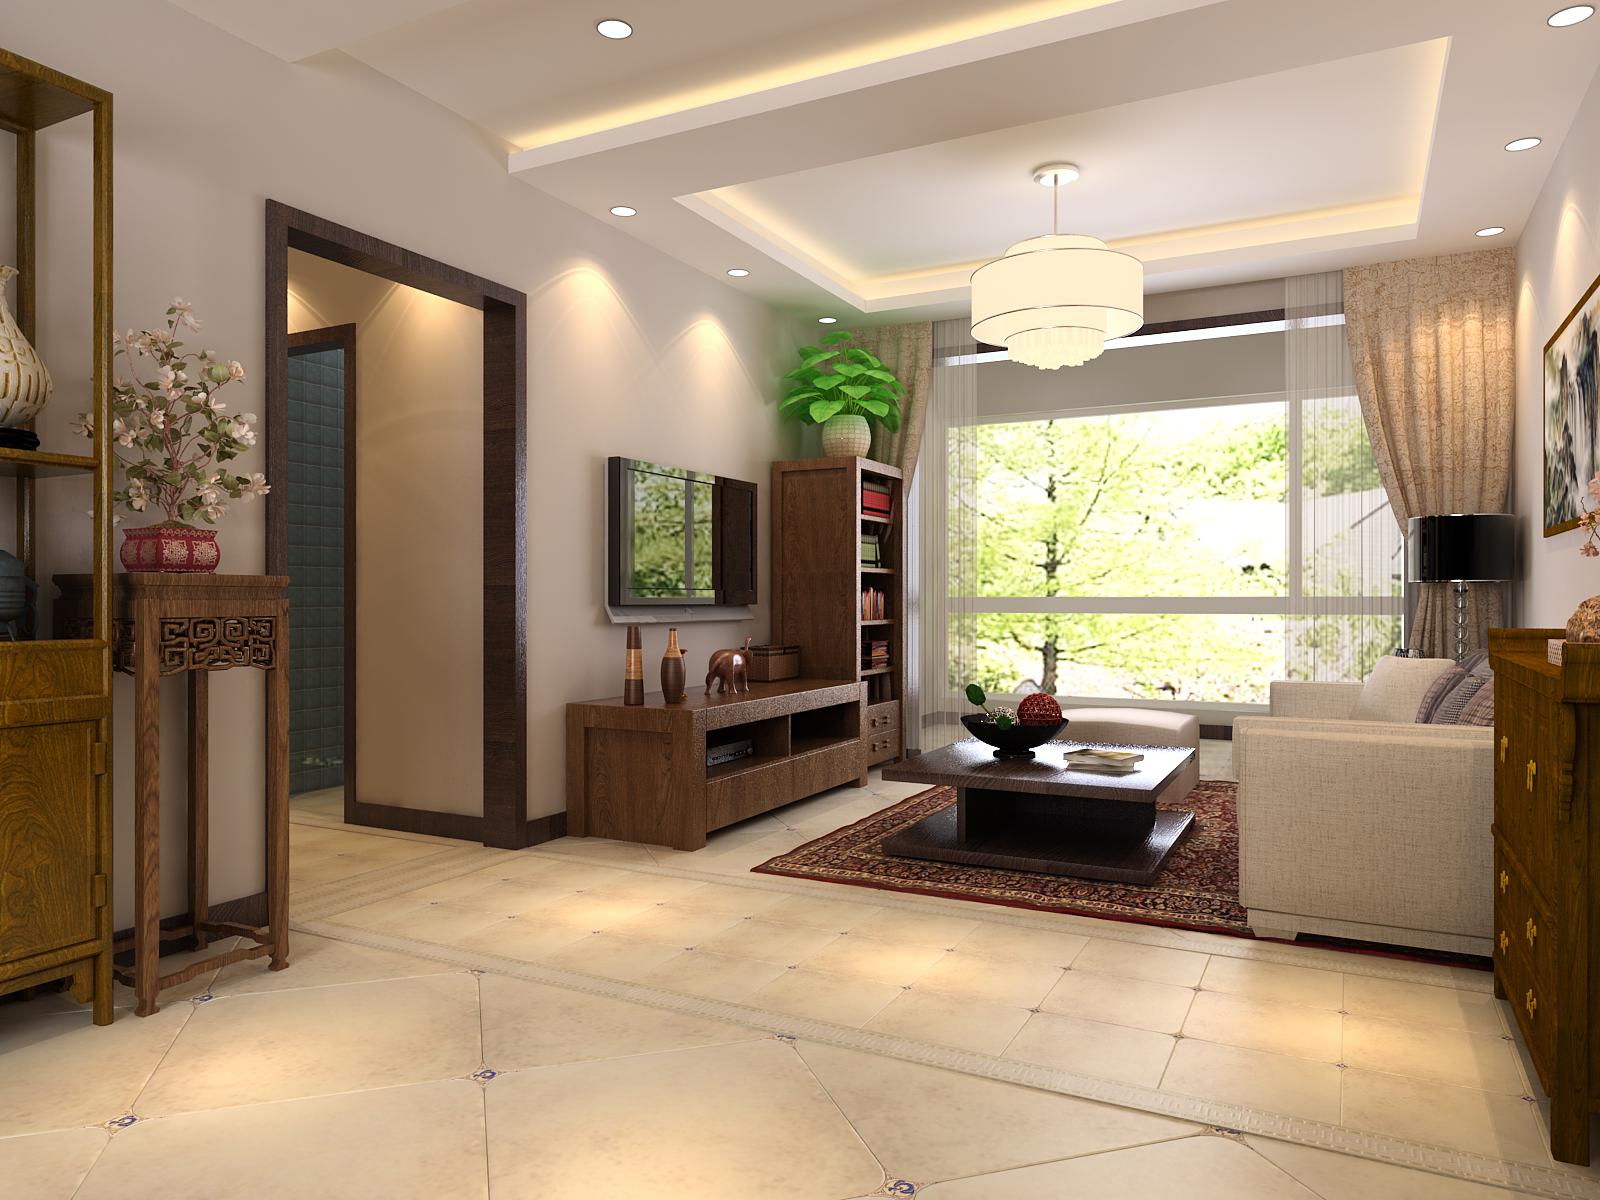 二居 青岛装修 装修公司 客厅图片来自青岛威廉装饰在保利里院里新中式设计的分享